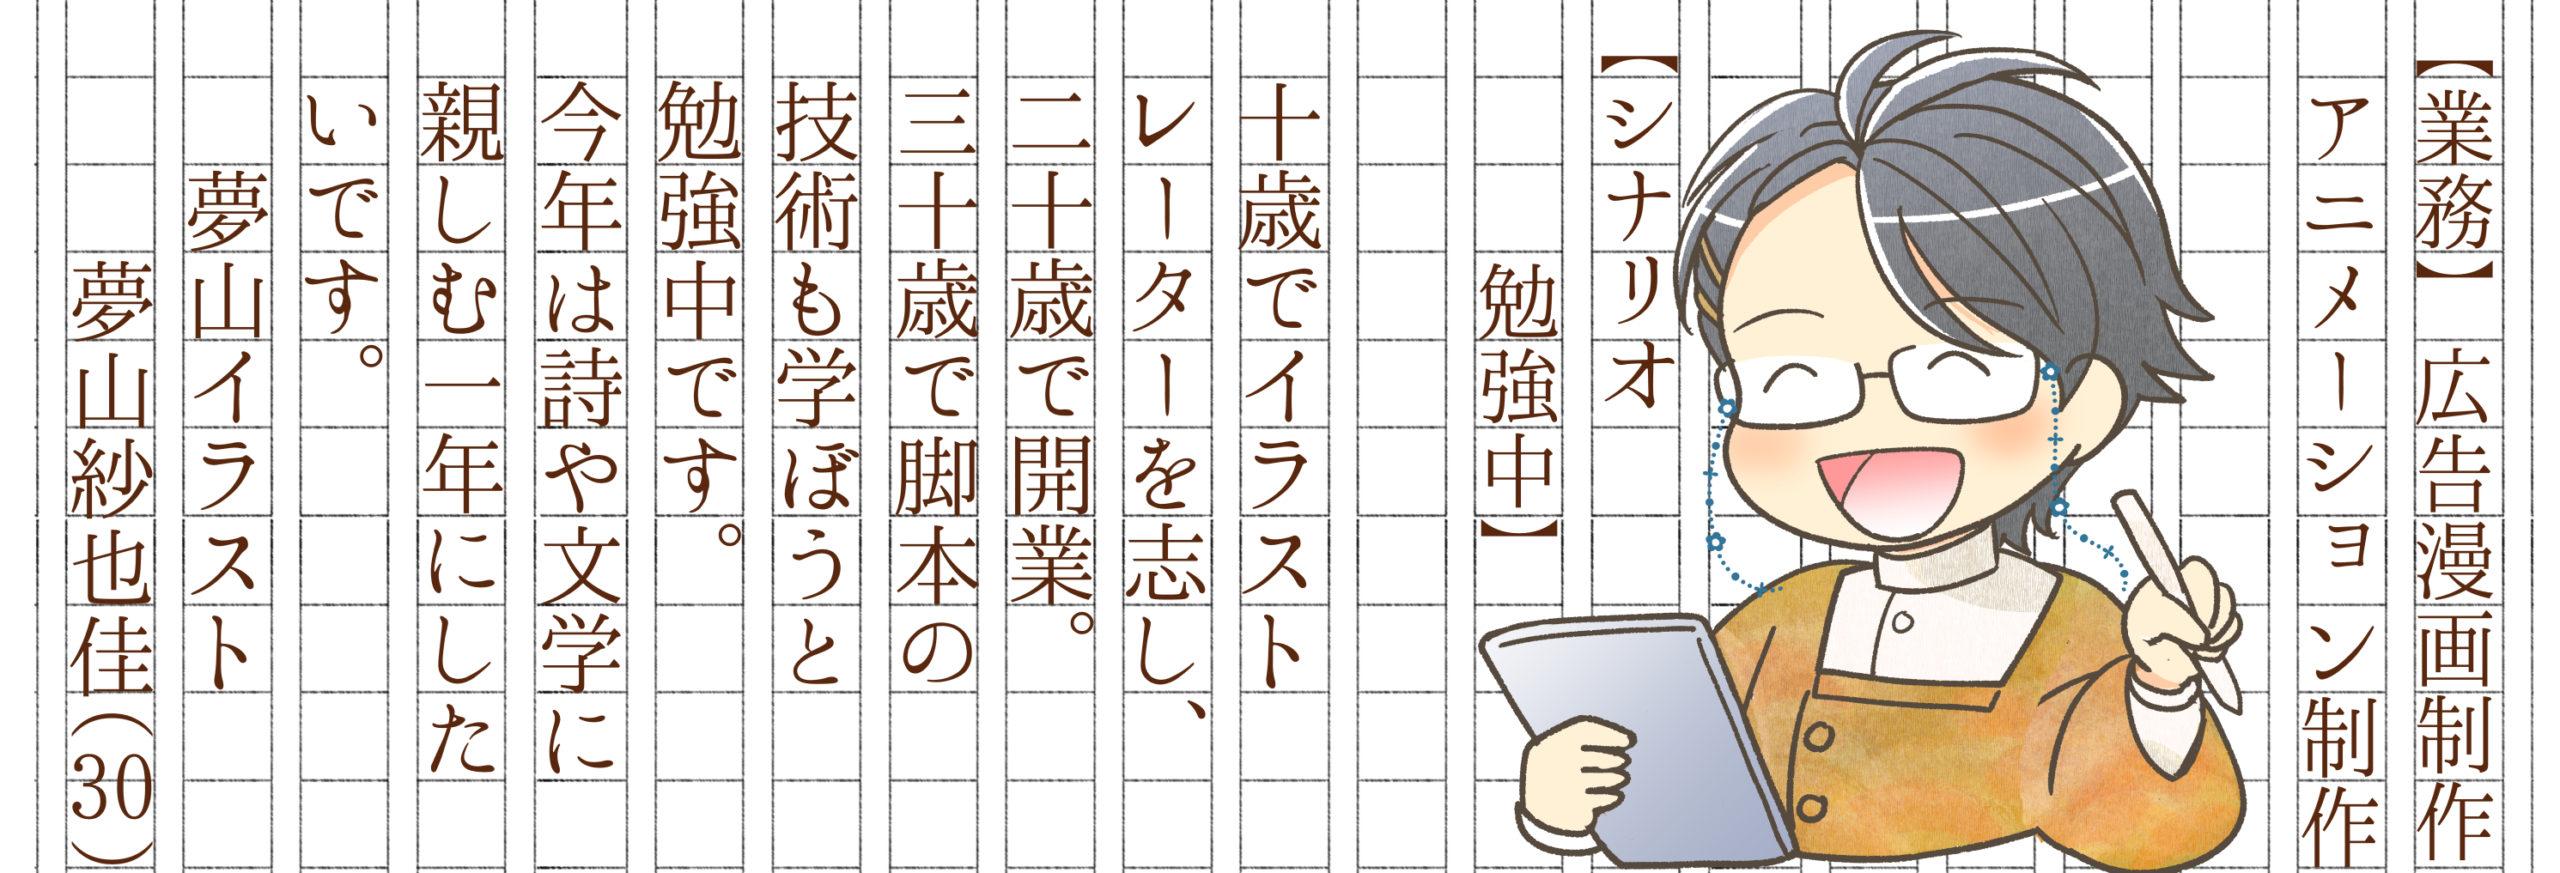 夢山イラスト